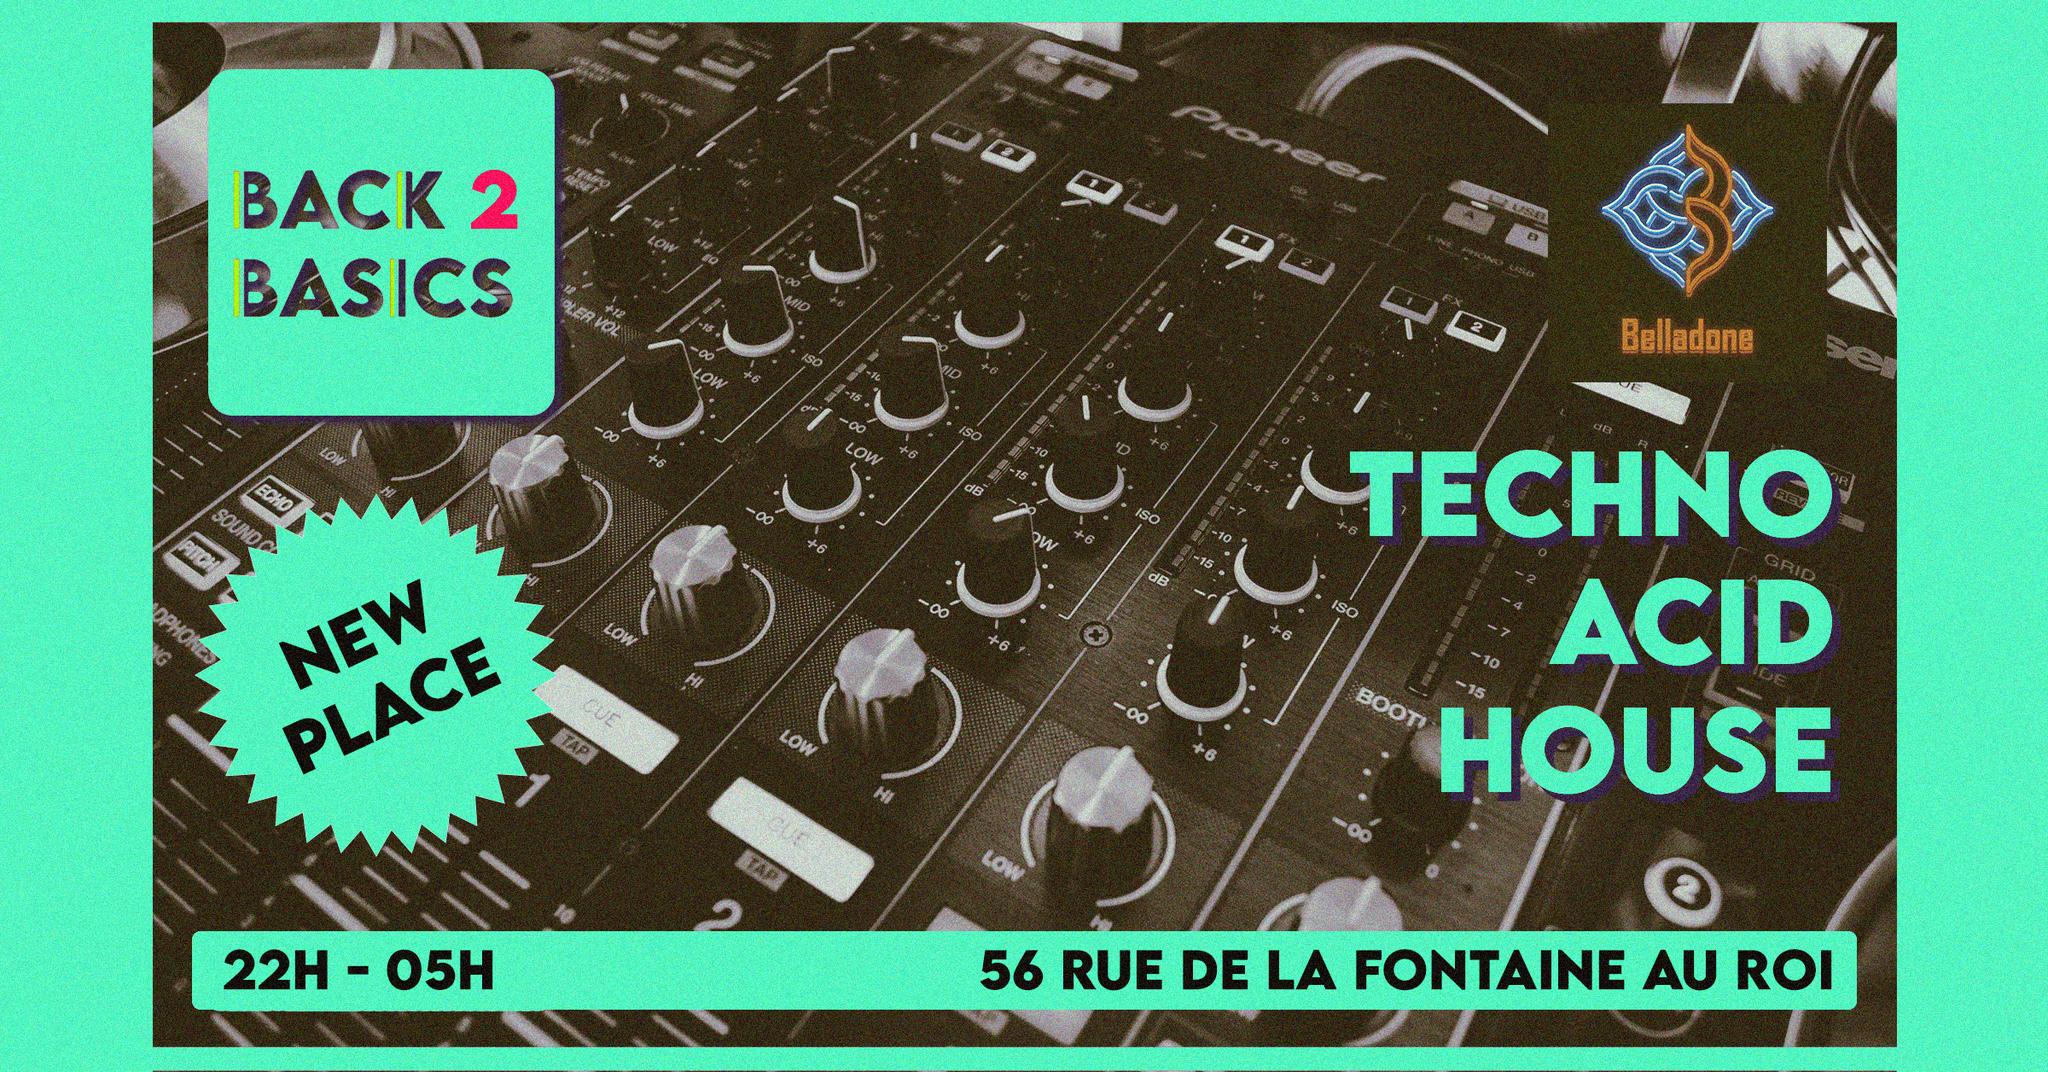 NEW PLACE // - Back To Basics - Techno/Acid/House